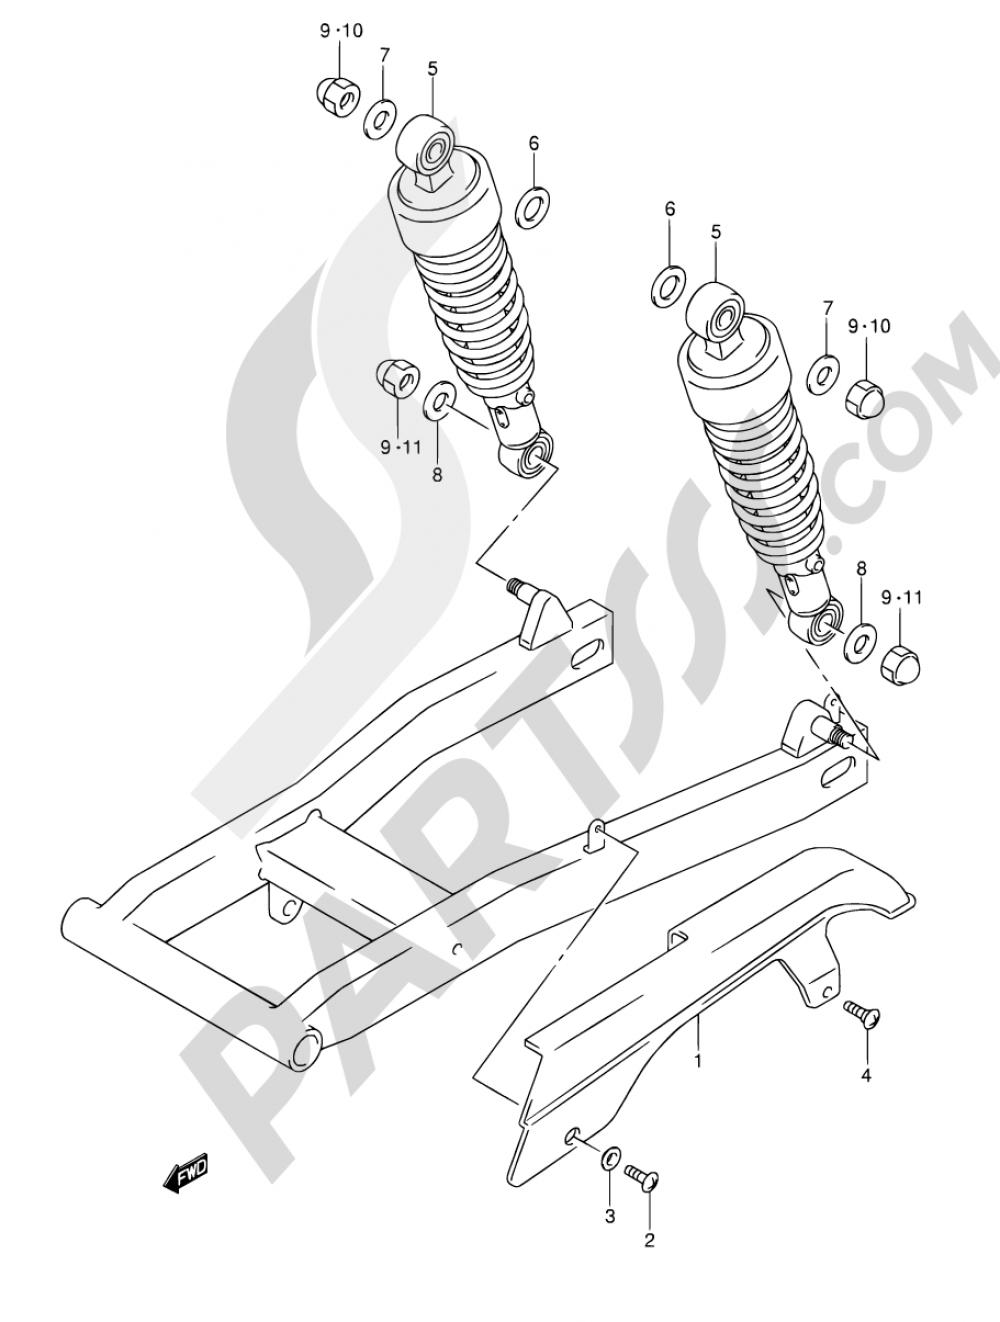 48 - CHAIN CASE Suzuki INTRUDER VL125 2001